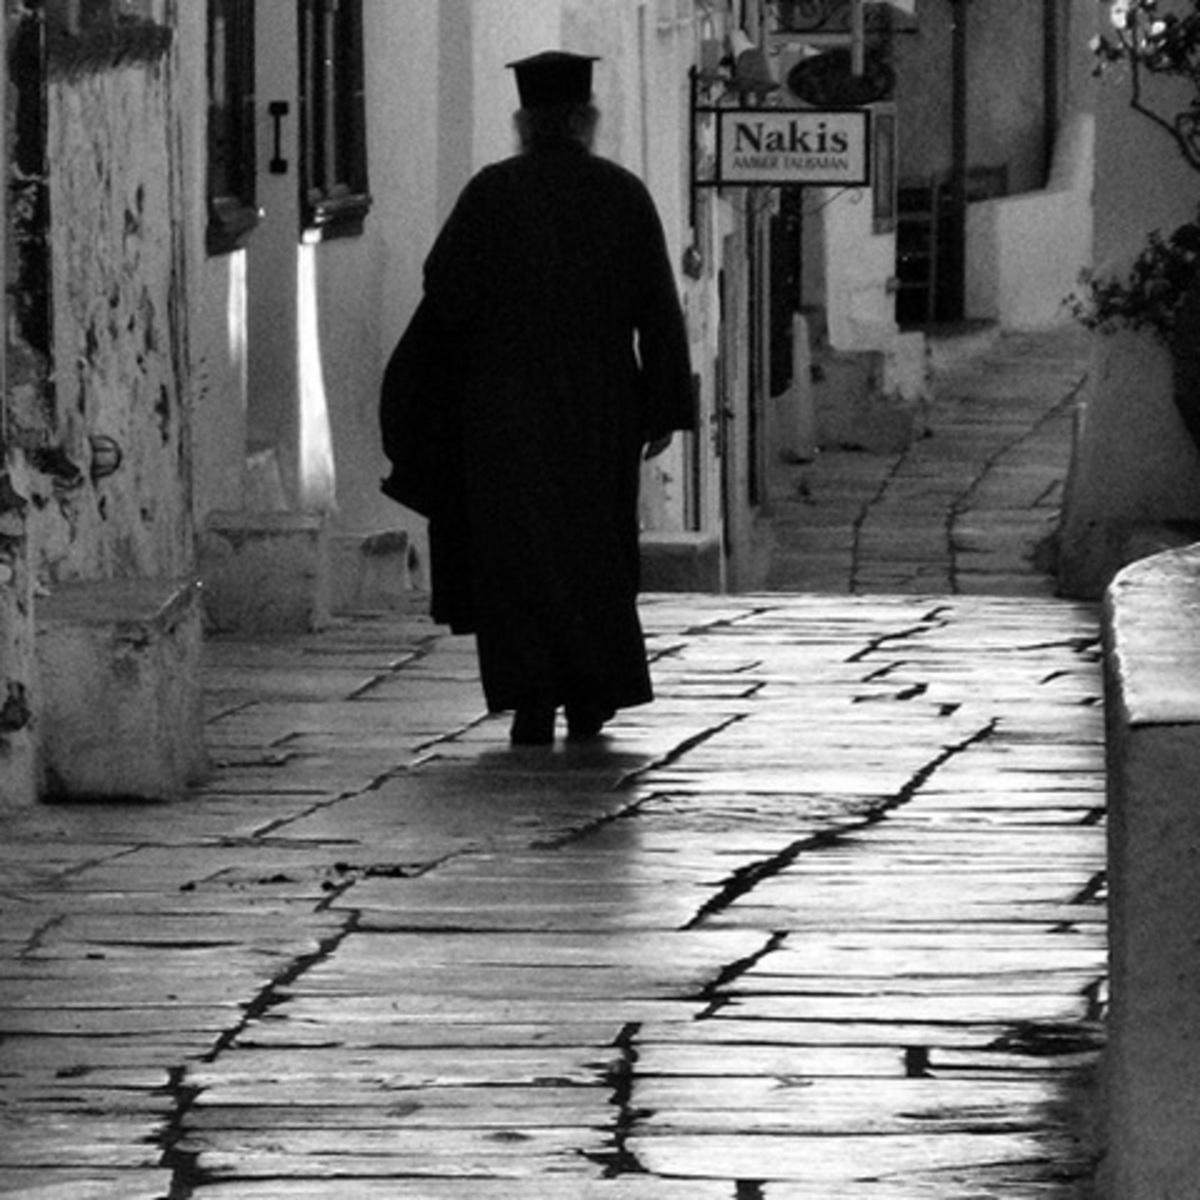 Ηράκλειο: Ακόμη ένας παπάς σε υπόθεση απαγωγής! | Newsit.gr